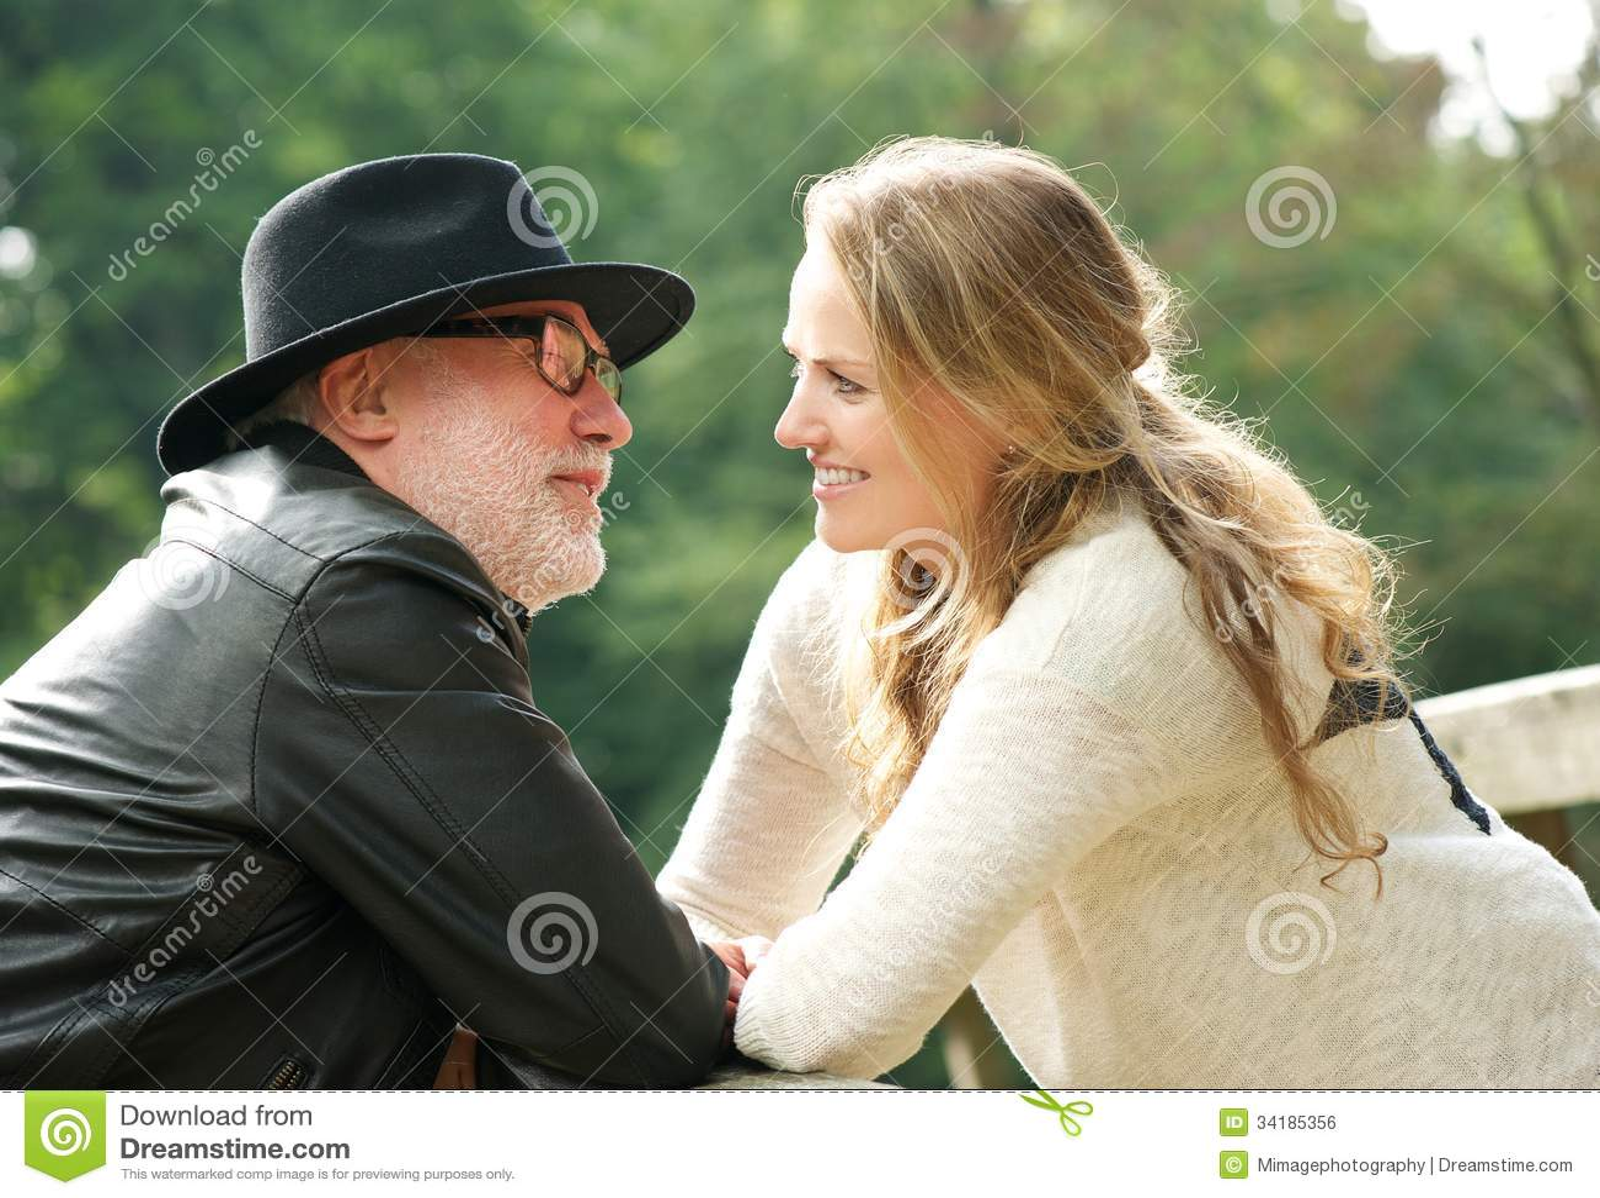 Procuramos homens dotados relações 145914